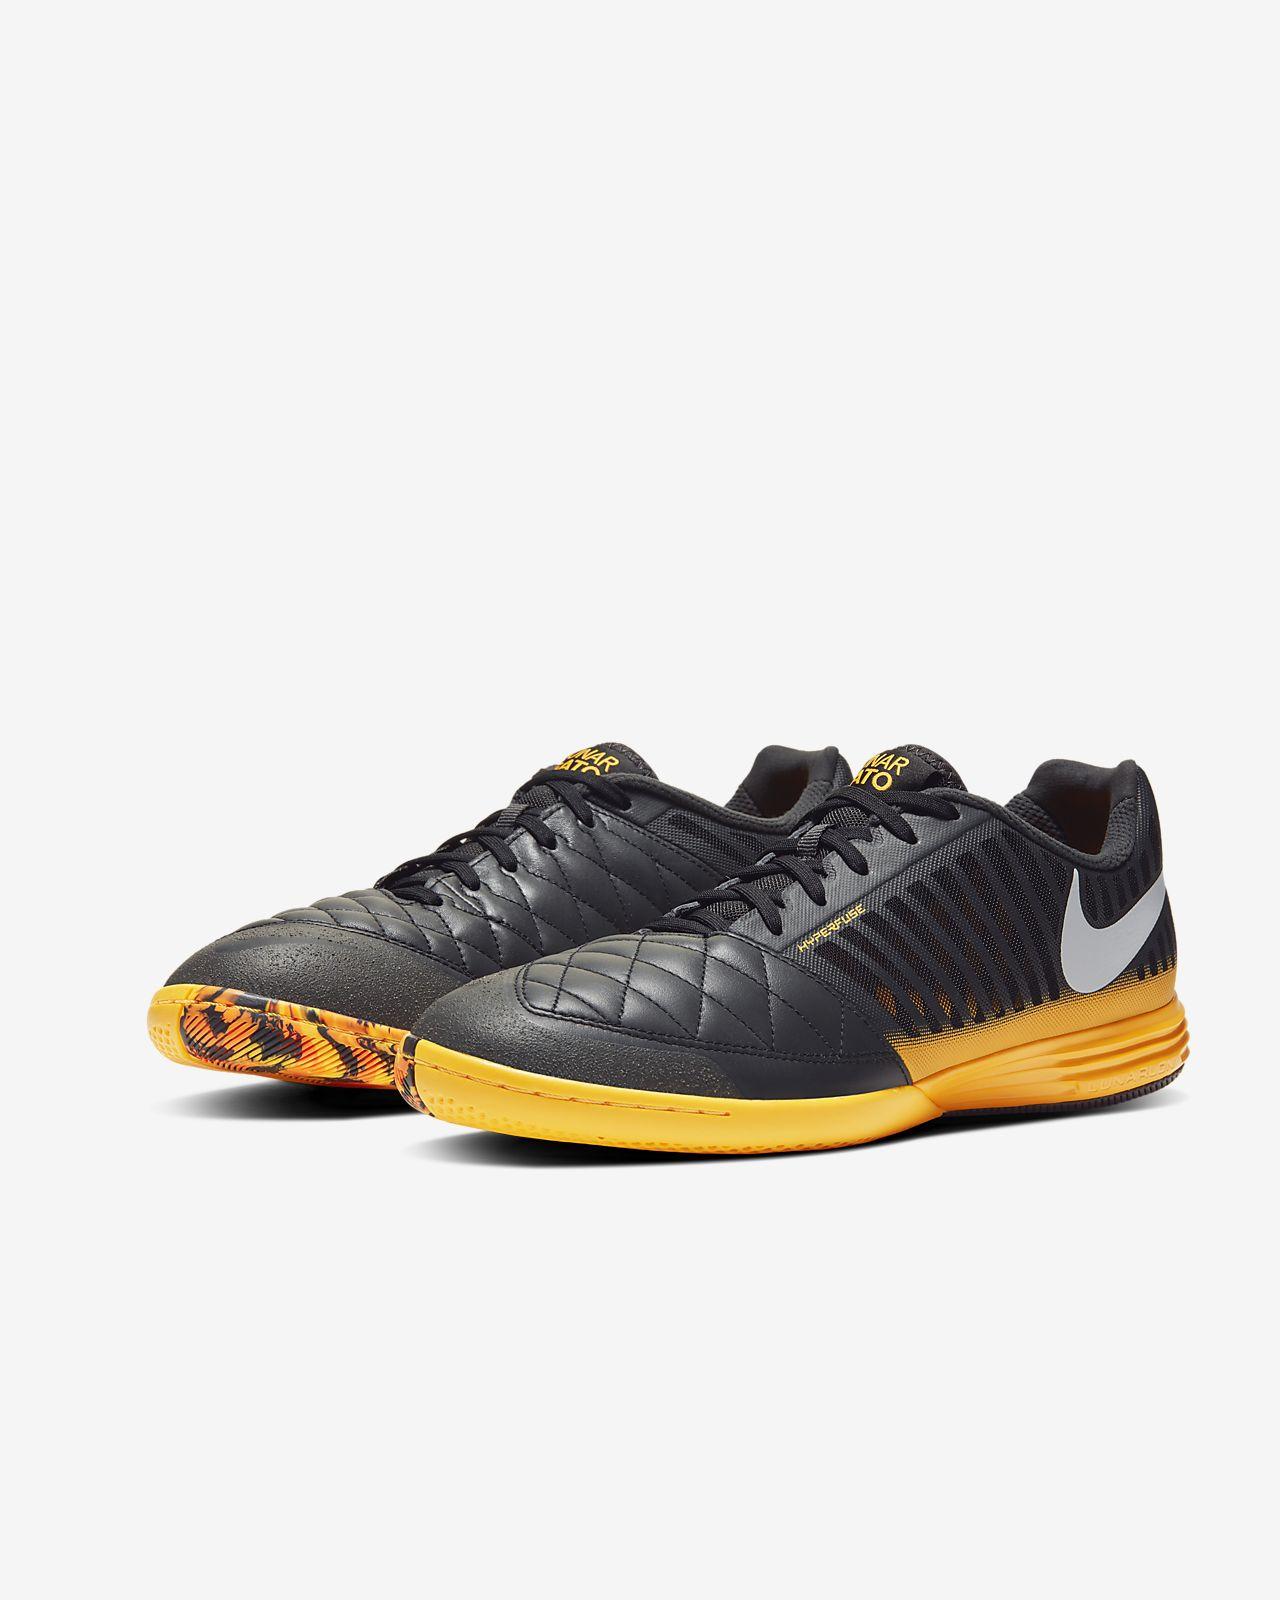 Nike Lunar Gato II IC fodboldsko til indendørs